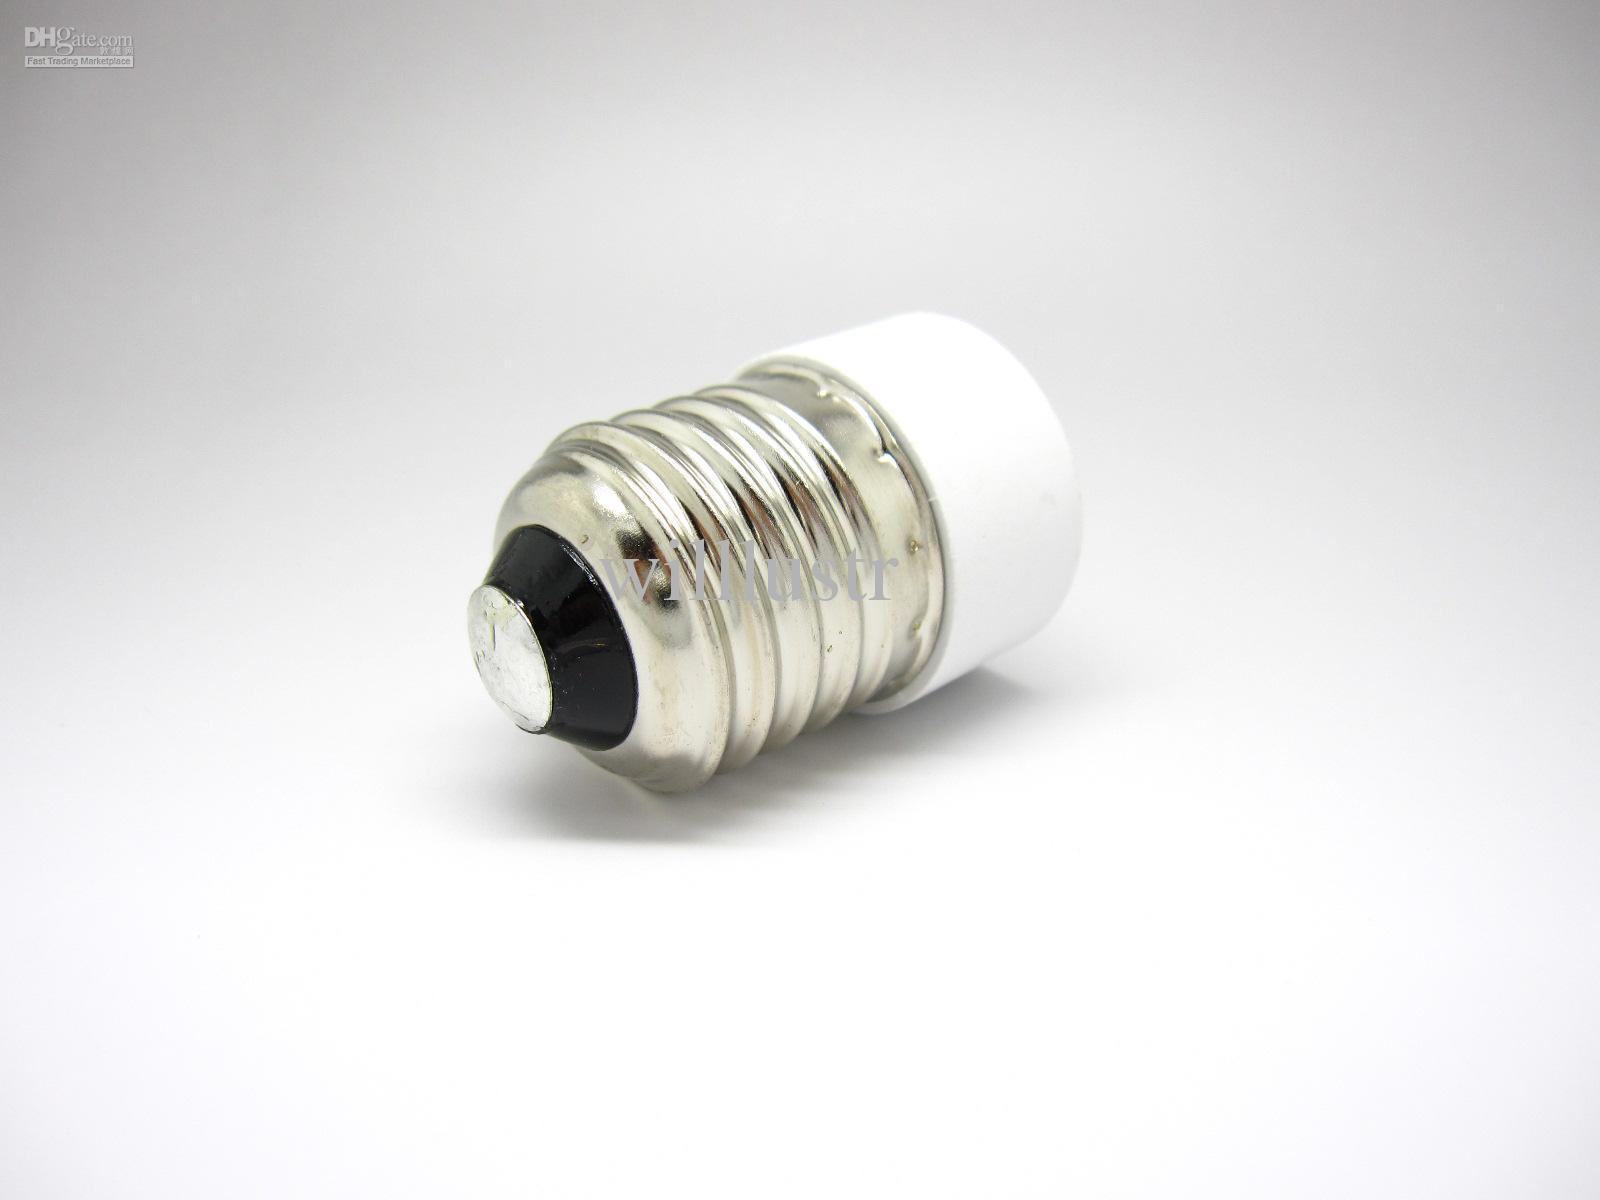 brand new E27 to E14 Lamp Holder Bases Converter Socket Light Bulb Lamp Holder Adapter Plug Extender ES to SES